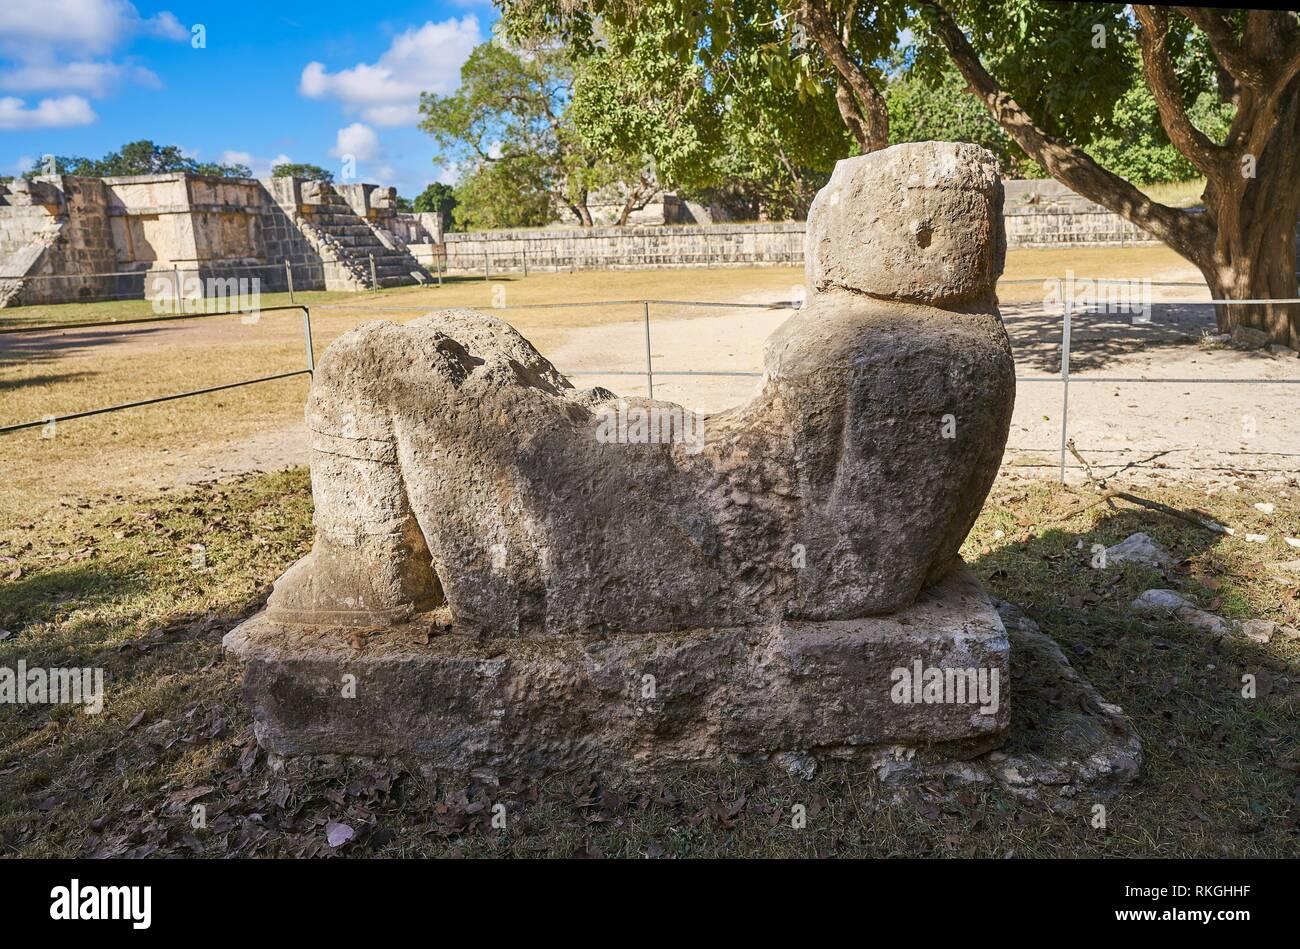 Chichen Itza Chac Mool sculpture at Yucatan Mexico. - Stock Image